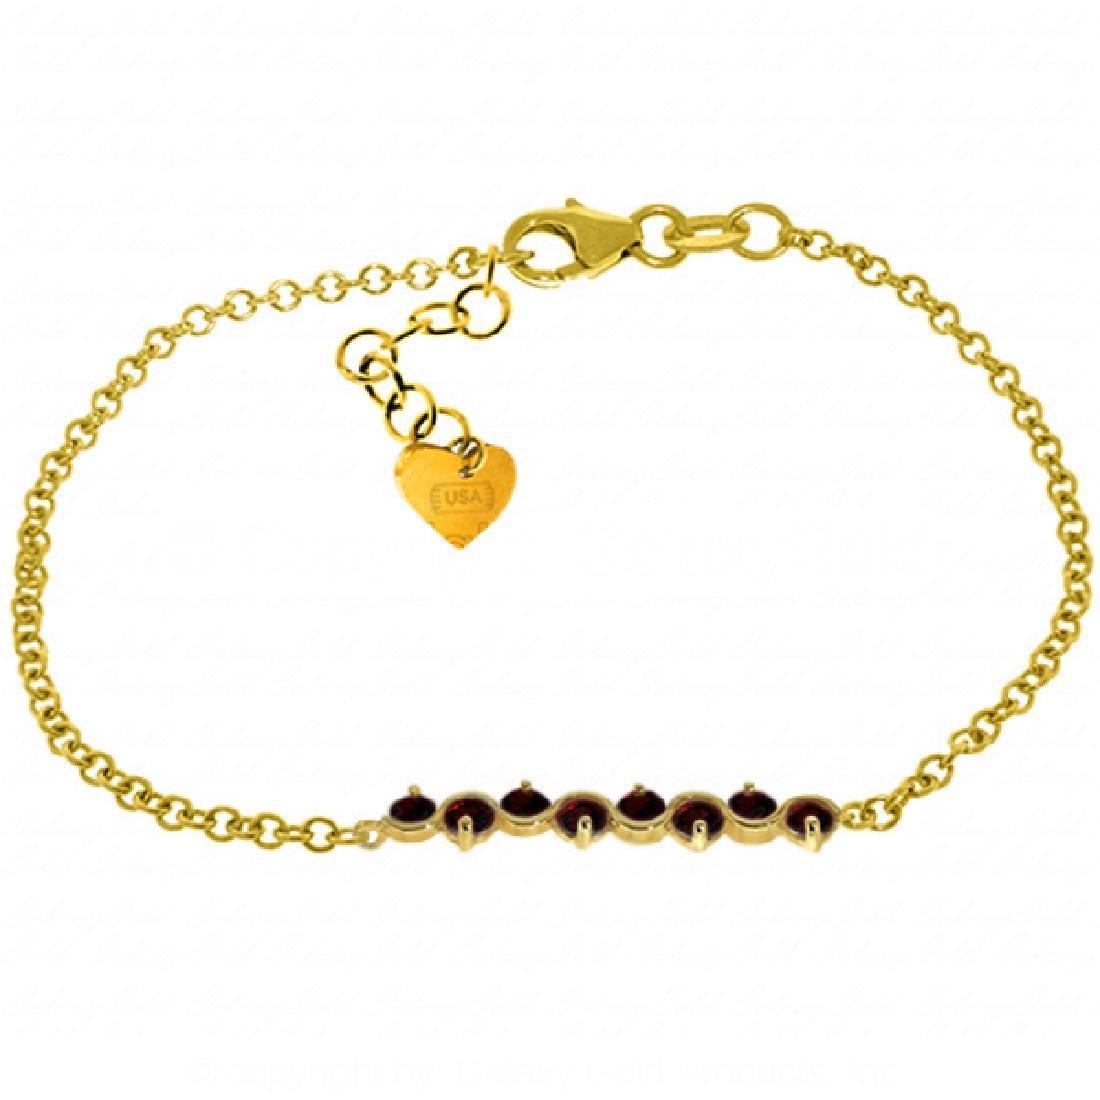 Genuine 1.55 ctw Garnet Bracelet Jewelry 14KT Yellow